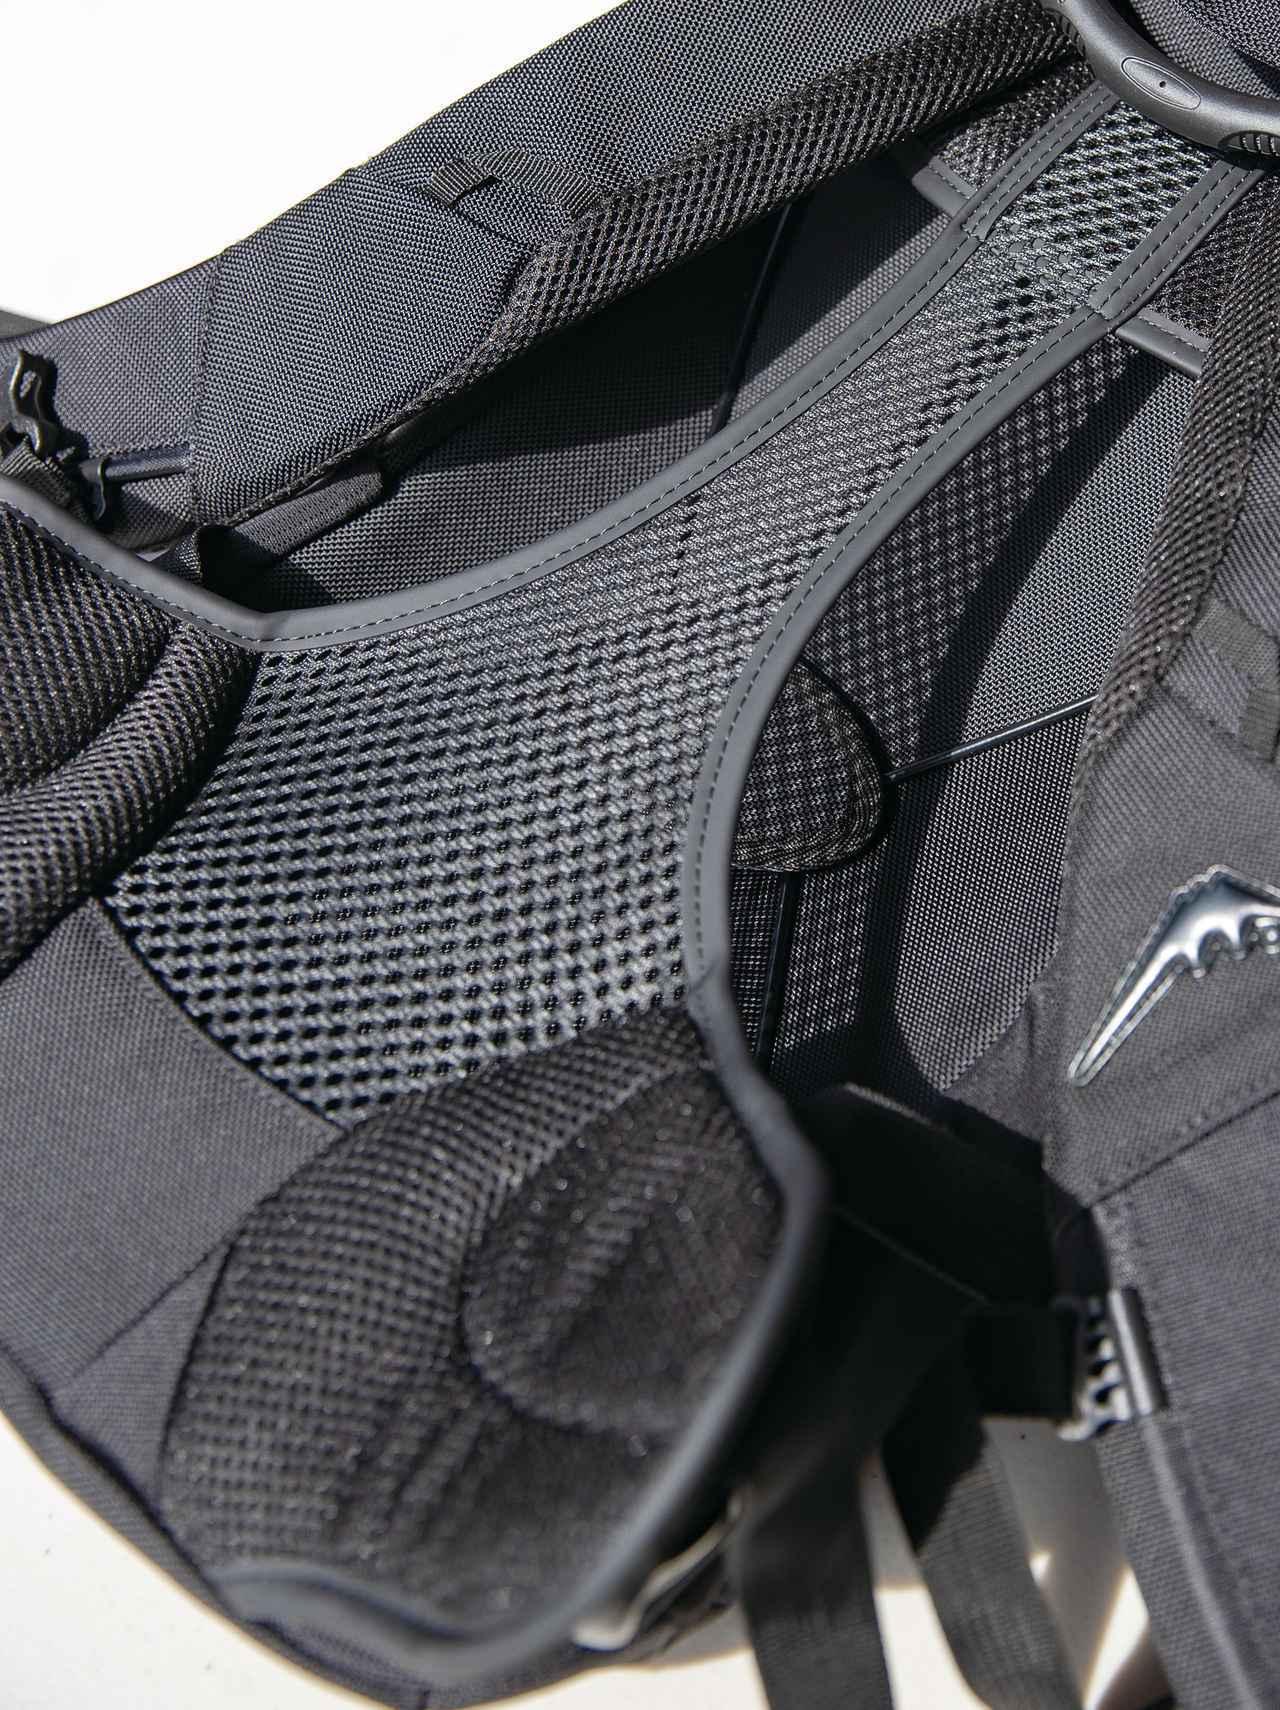 画像: 背中に触れる部分をハンモック状のメッシュシートとして通気性を確保。横にずれないようにサポートパッドも装備。